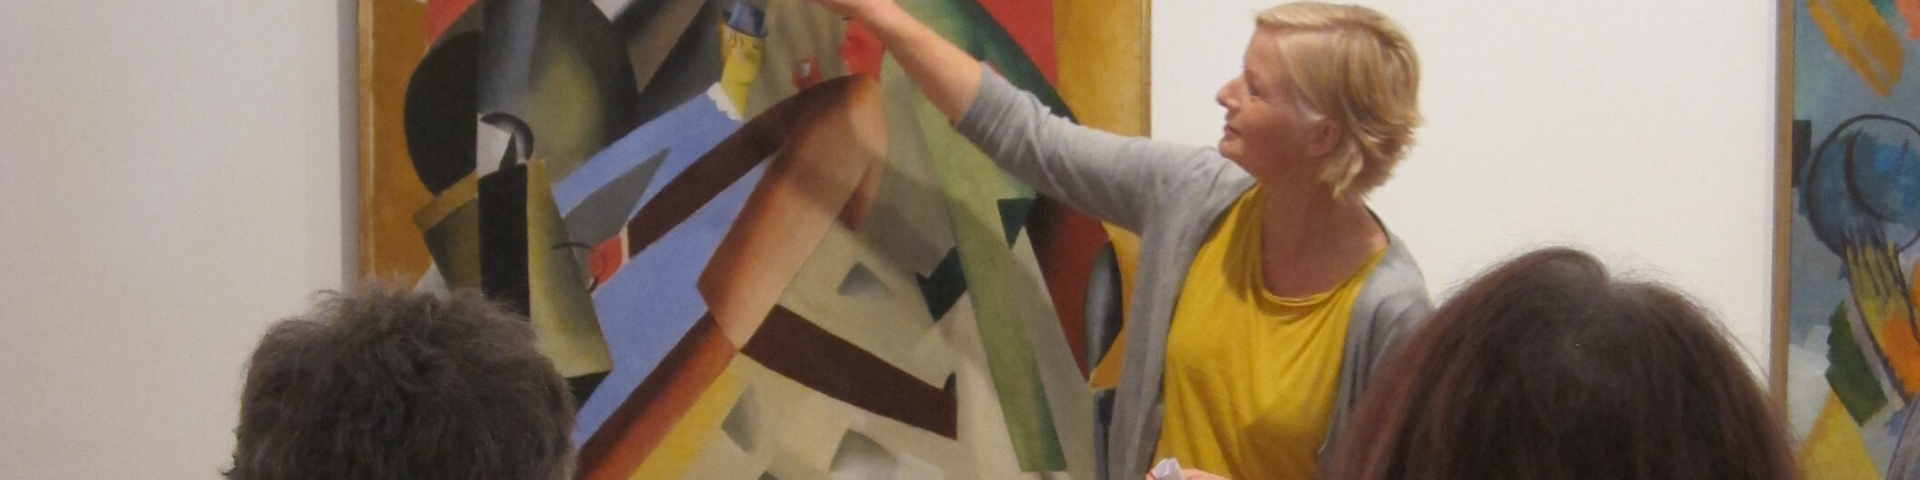 Frau mit Kunst an der Wand